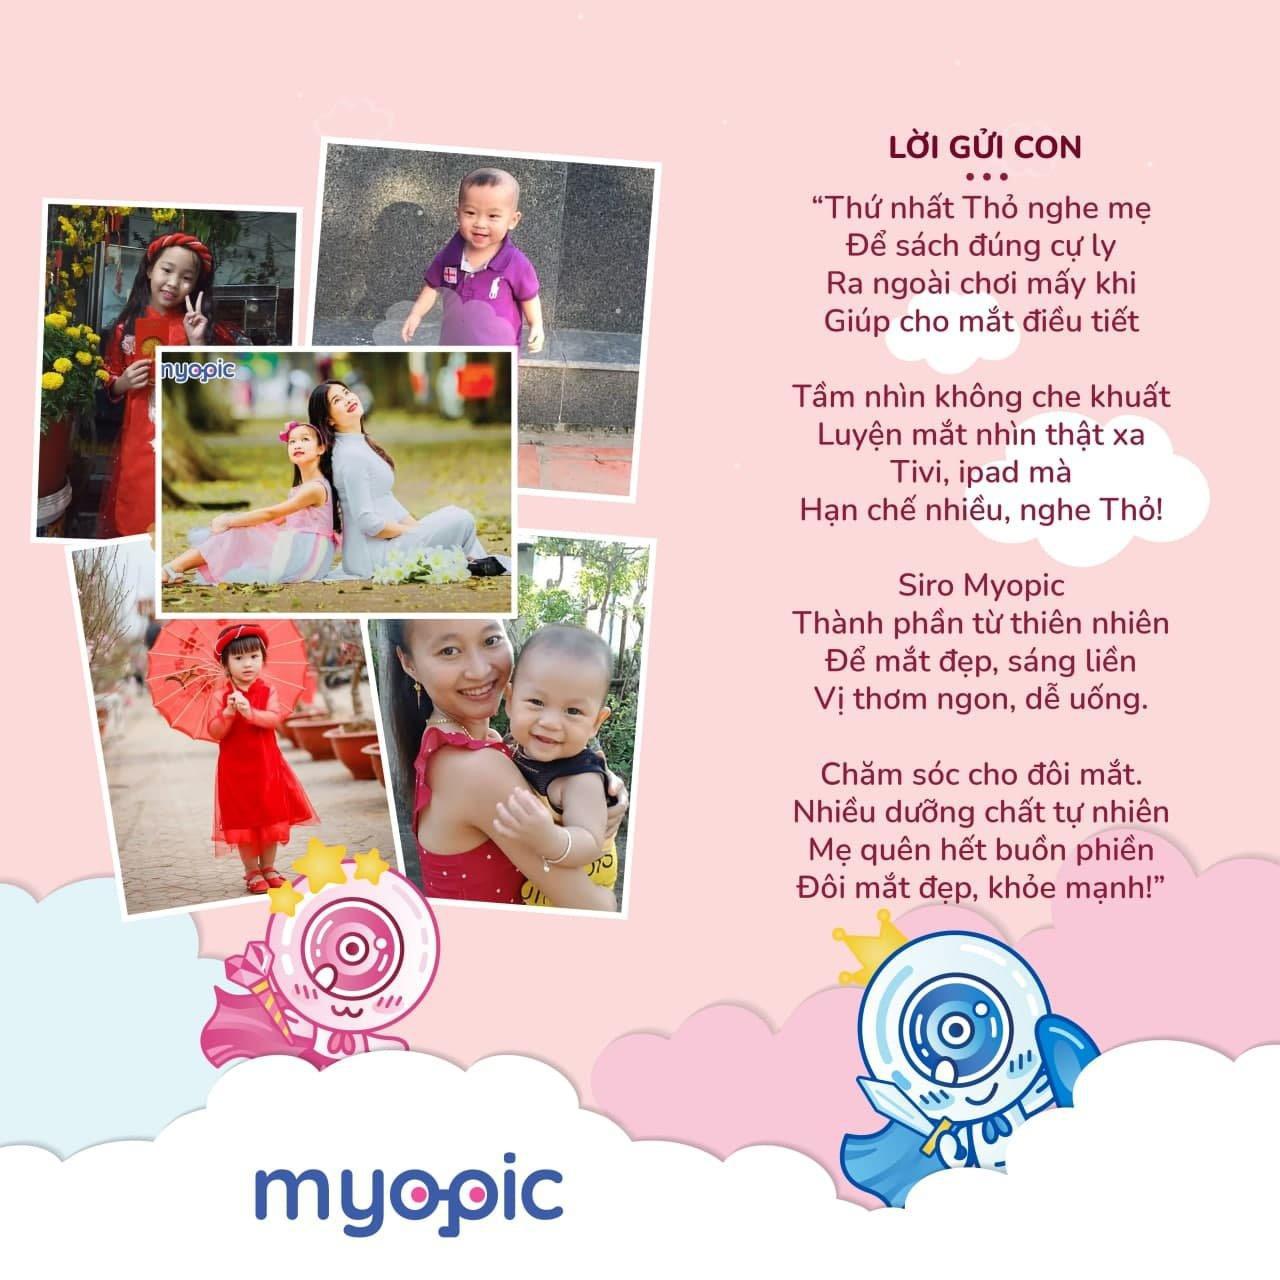 Myopic tổ chức cuộc thi Đôi mắt khỏe để trẻ tinh anh nhân ngày gia đình Việt Nam - Ảnh 4.